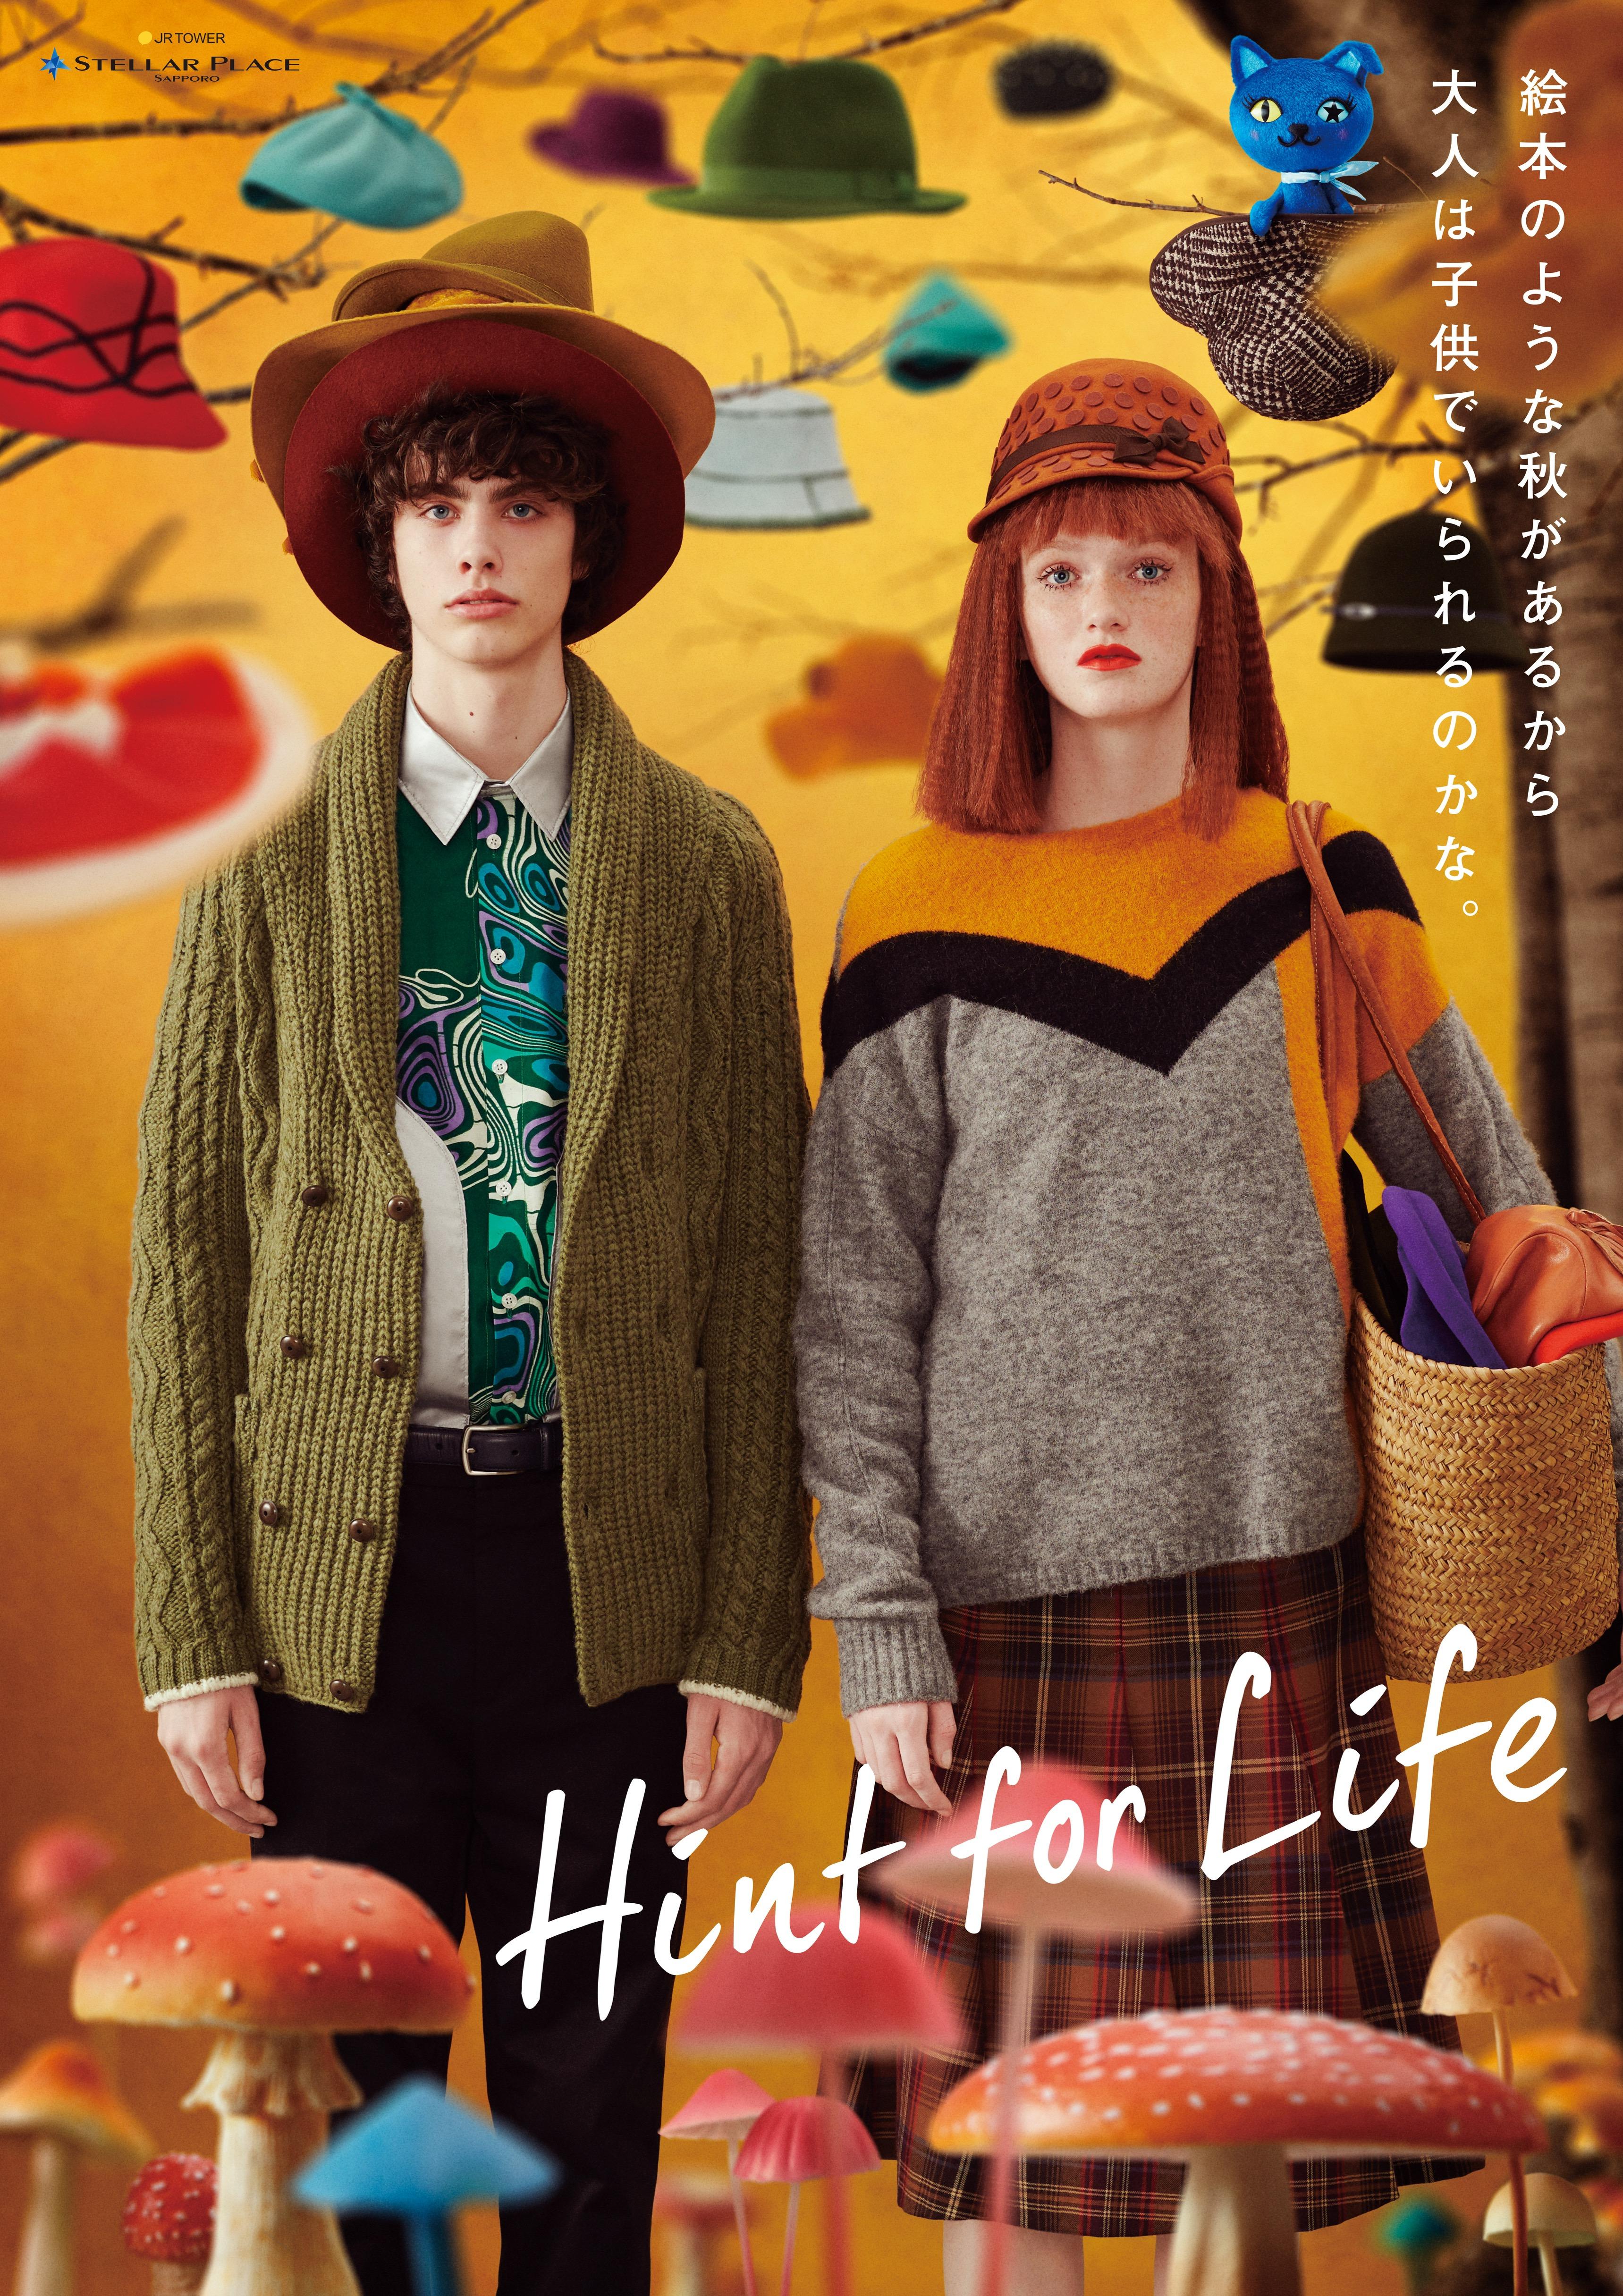 sp2020_autumn_b1_200624_nyuko_ol